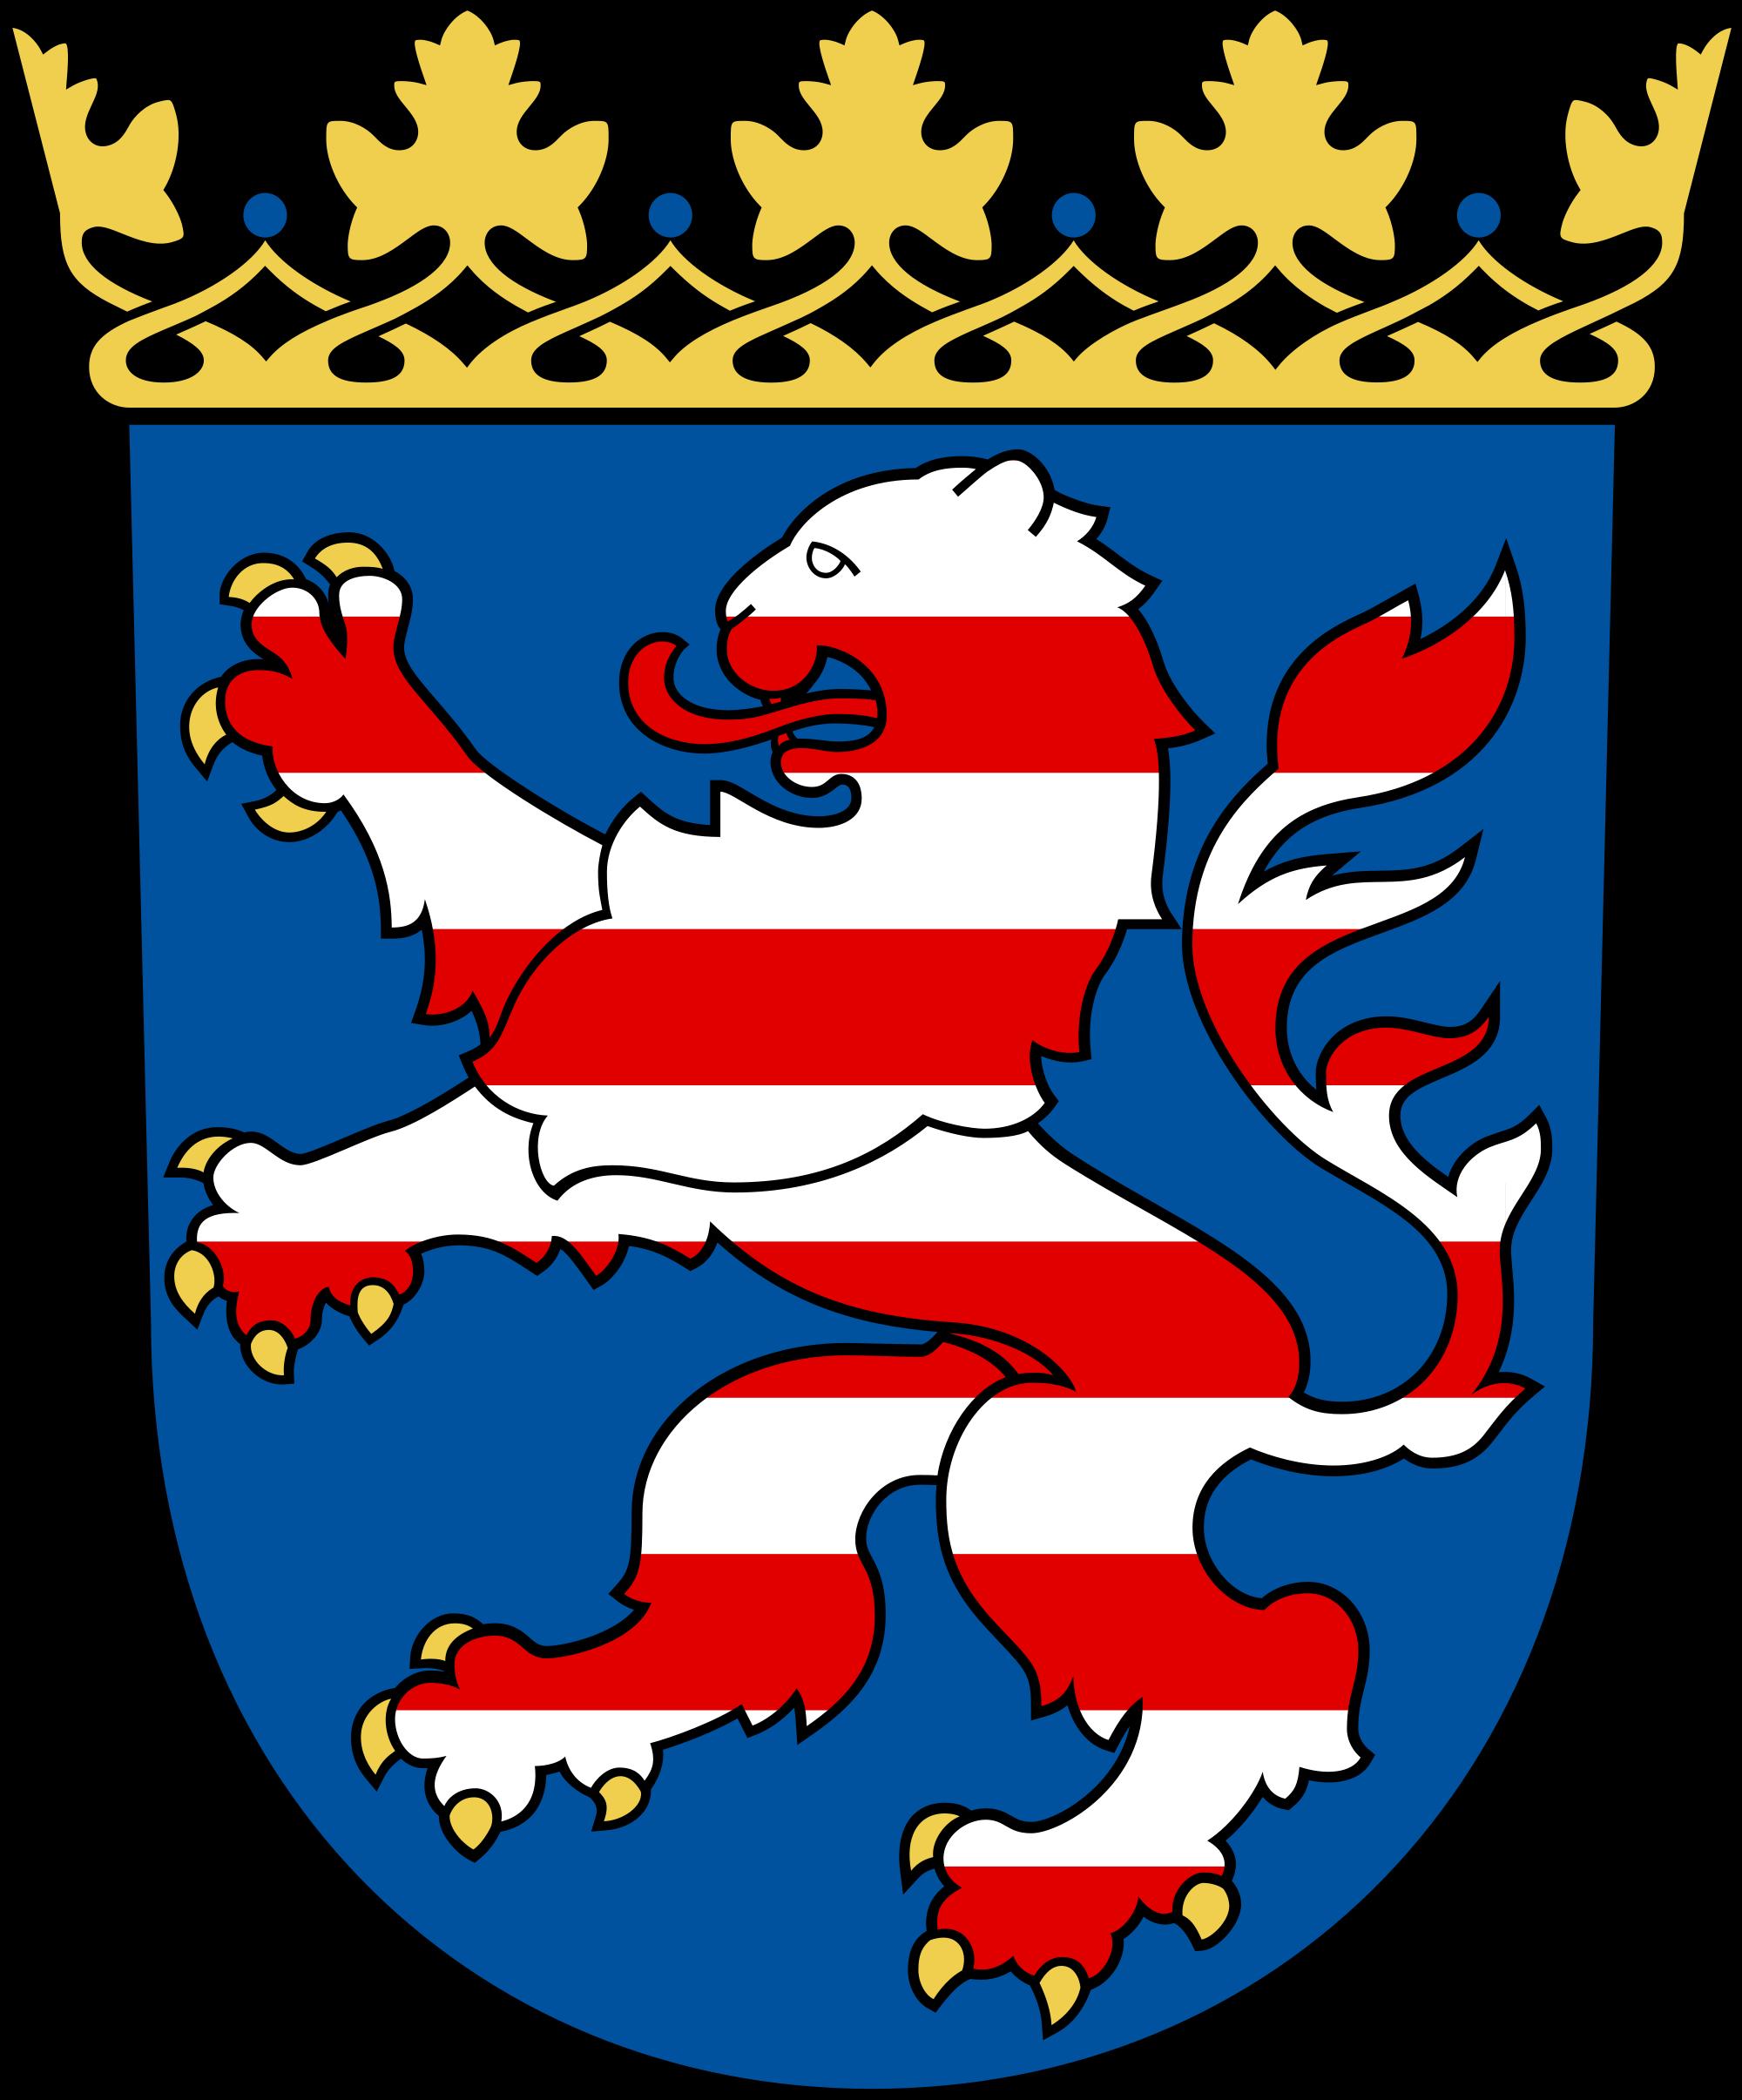 Wappen_Hessen